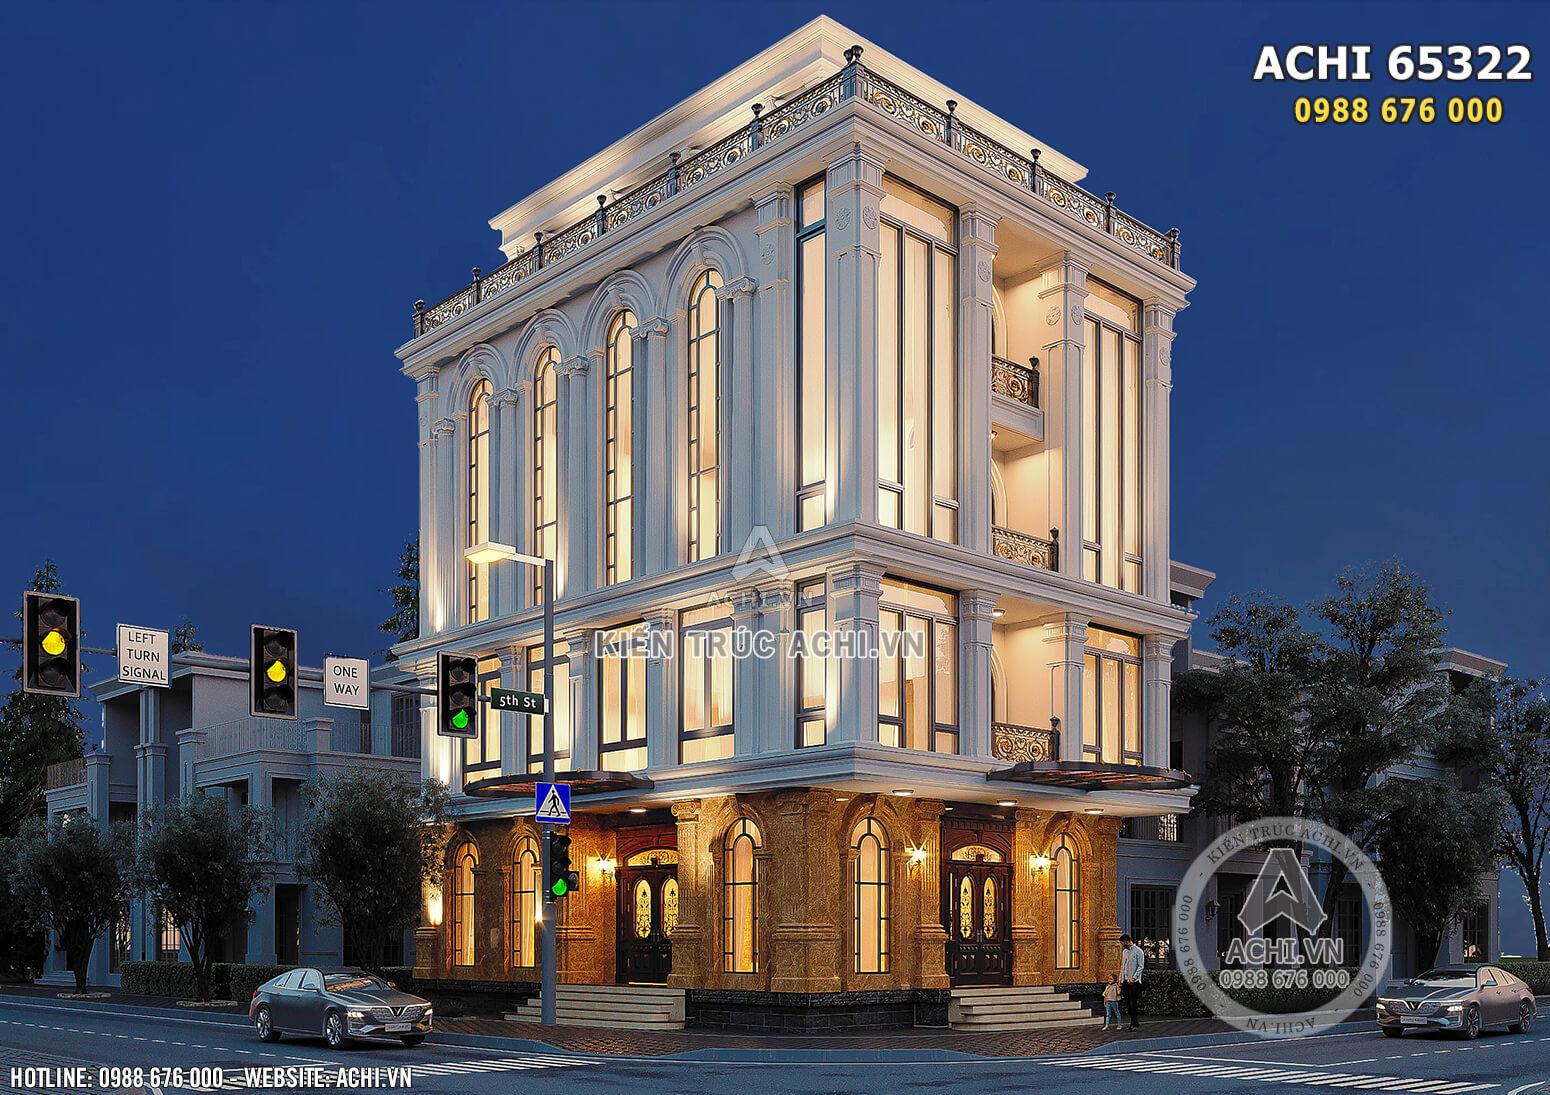 Hình ảnh: Không gian ngoại thất được làm nổi bật nhờ phong cách kiến trúc tân cổ điển